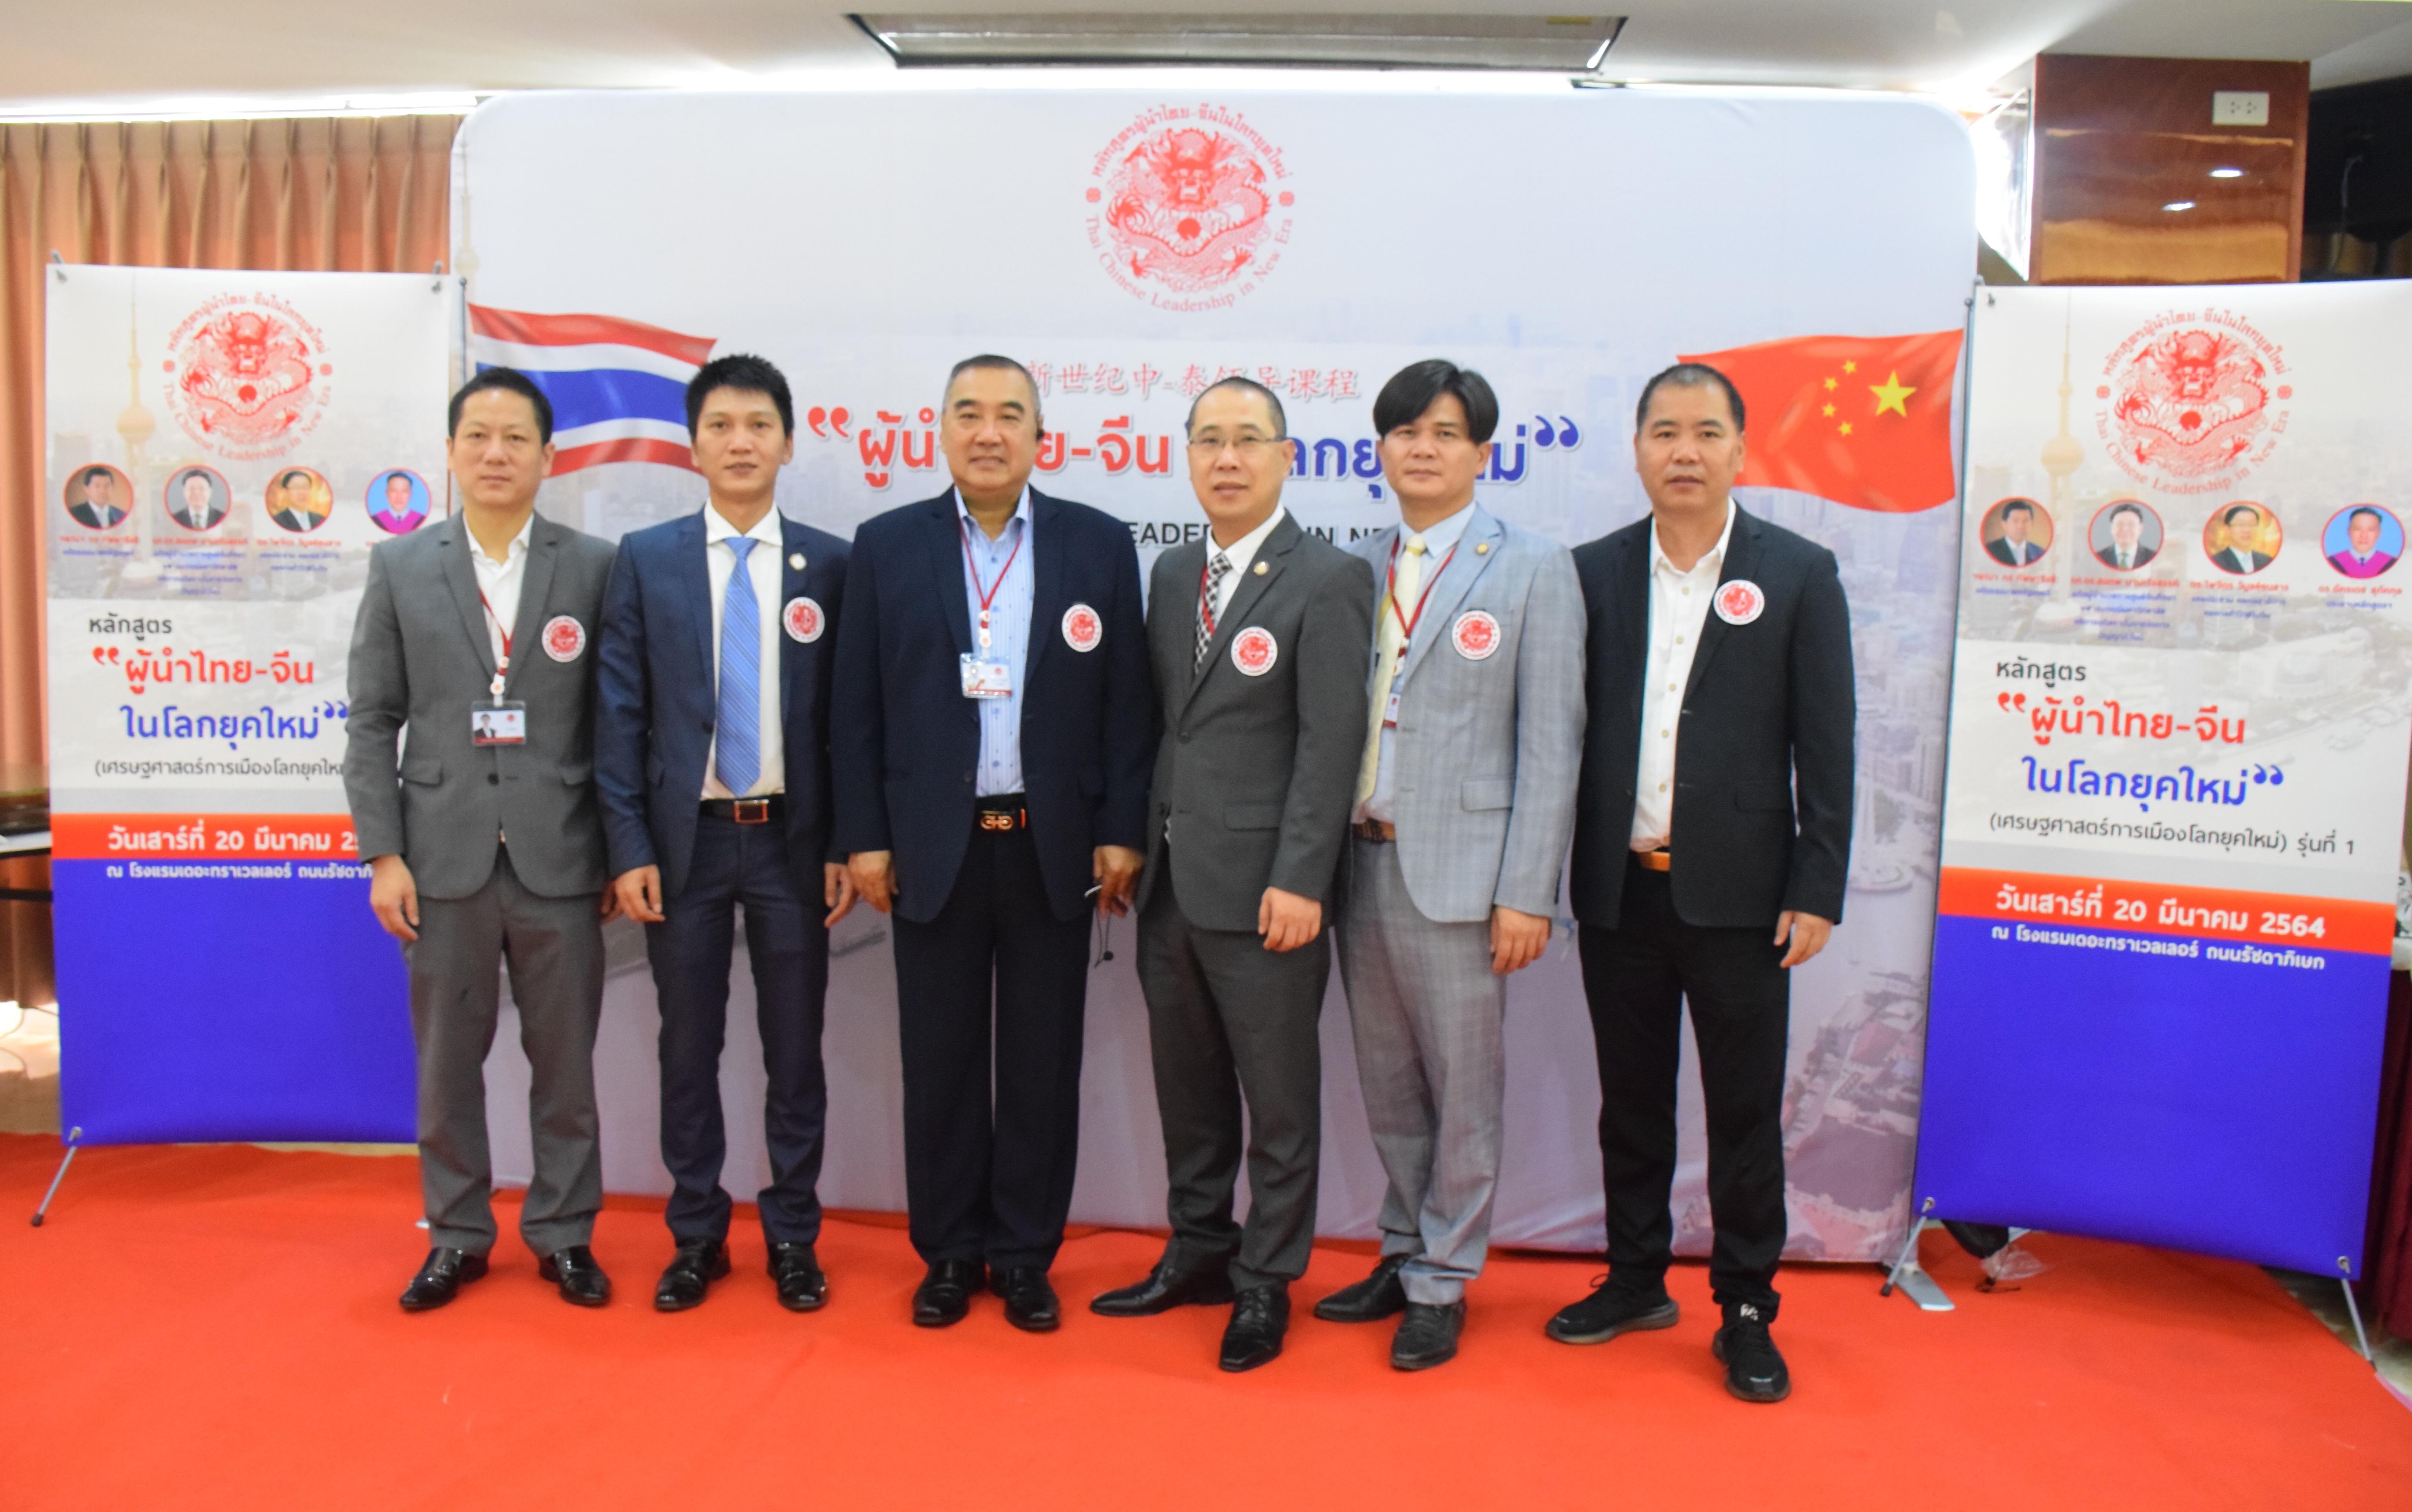 泰国温州商会出席第一届泰中新时代领导力培训班